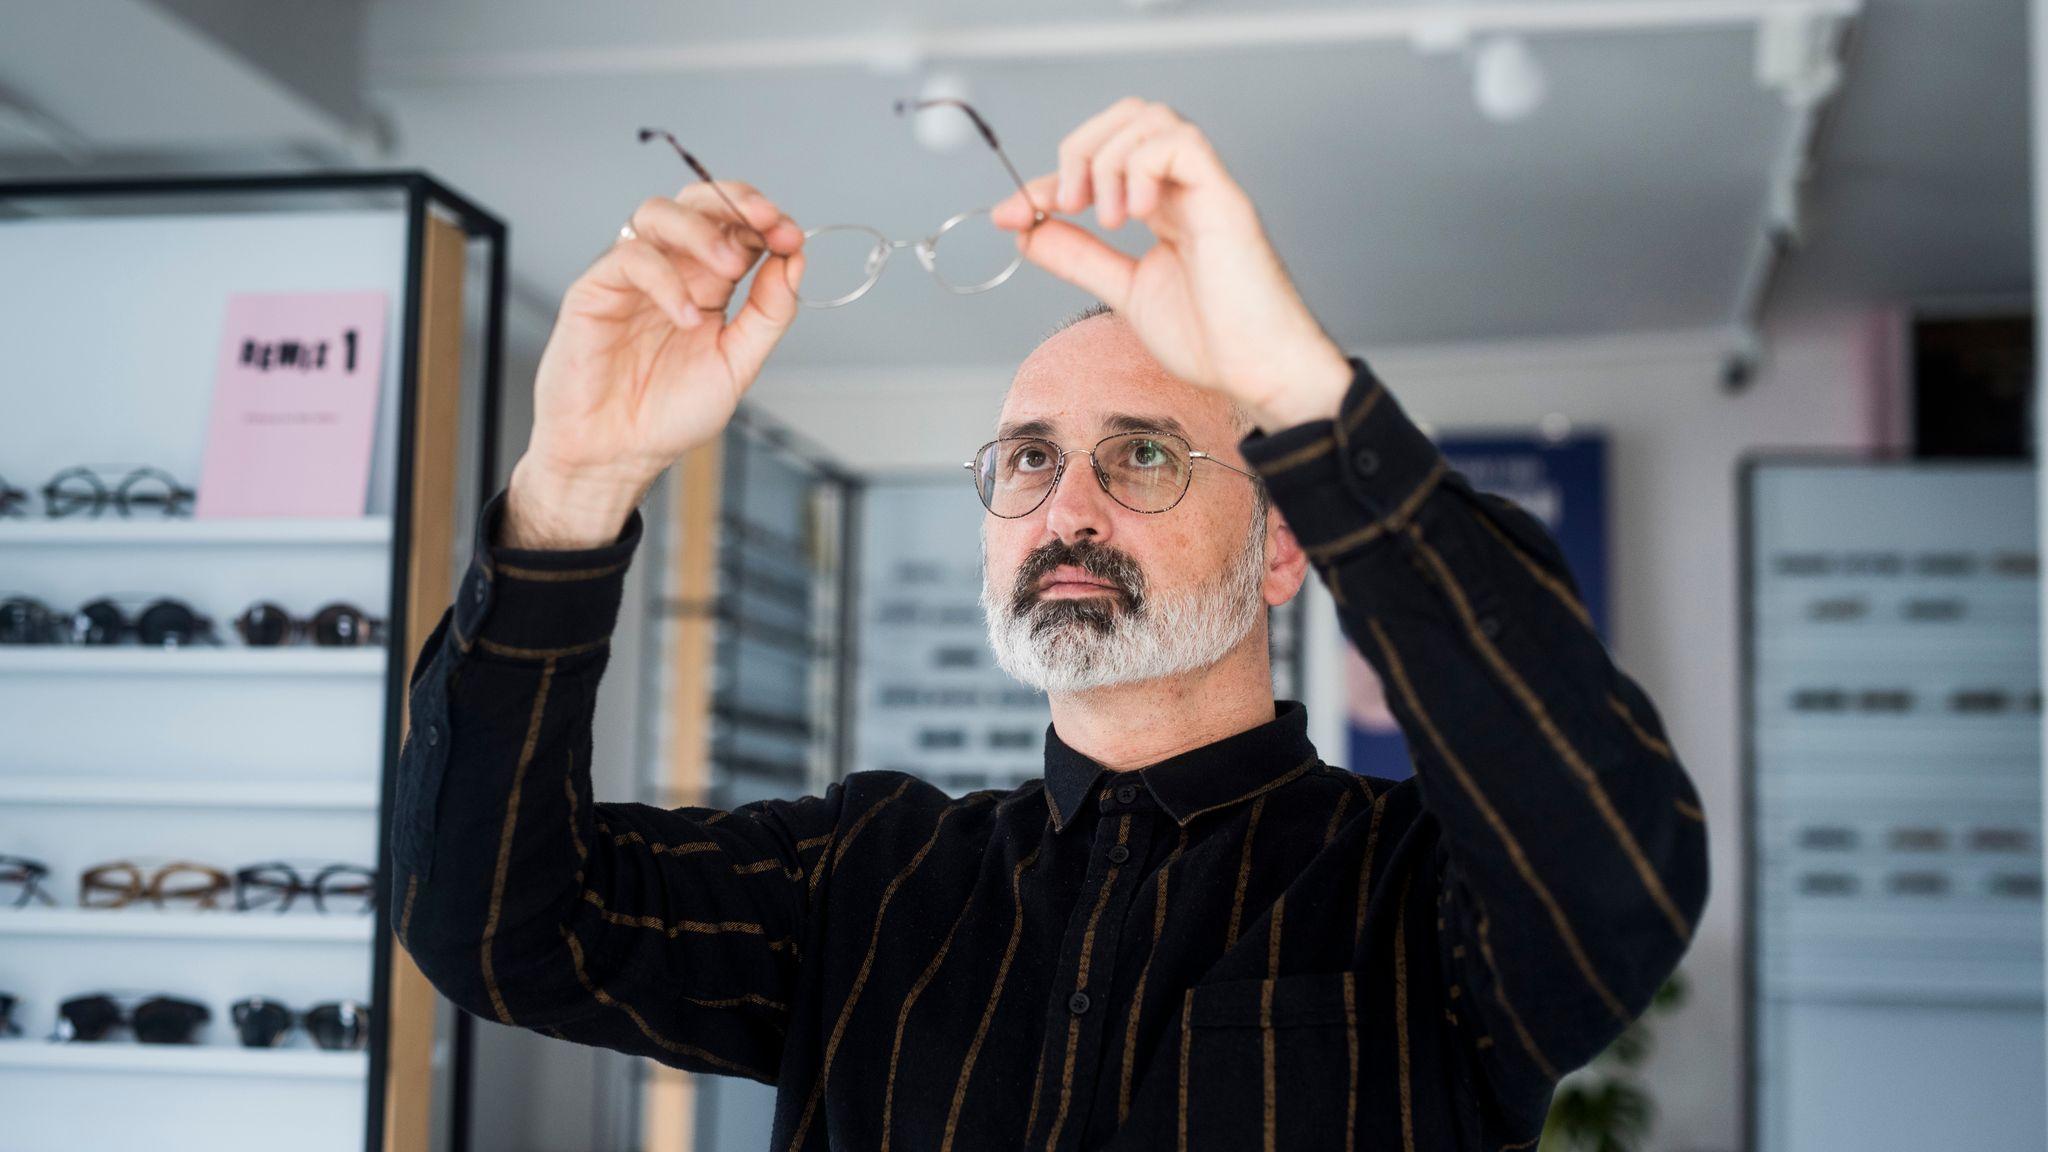 5e5cecc82ac3 Han vil forandre folks syn på briller - Stavanger Aftenblad